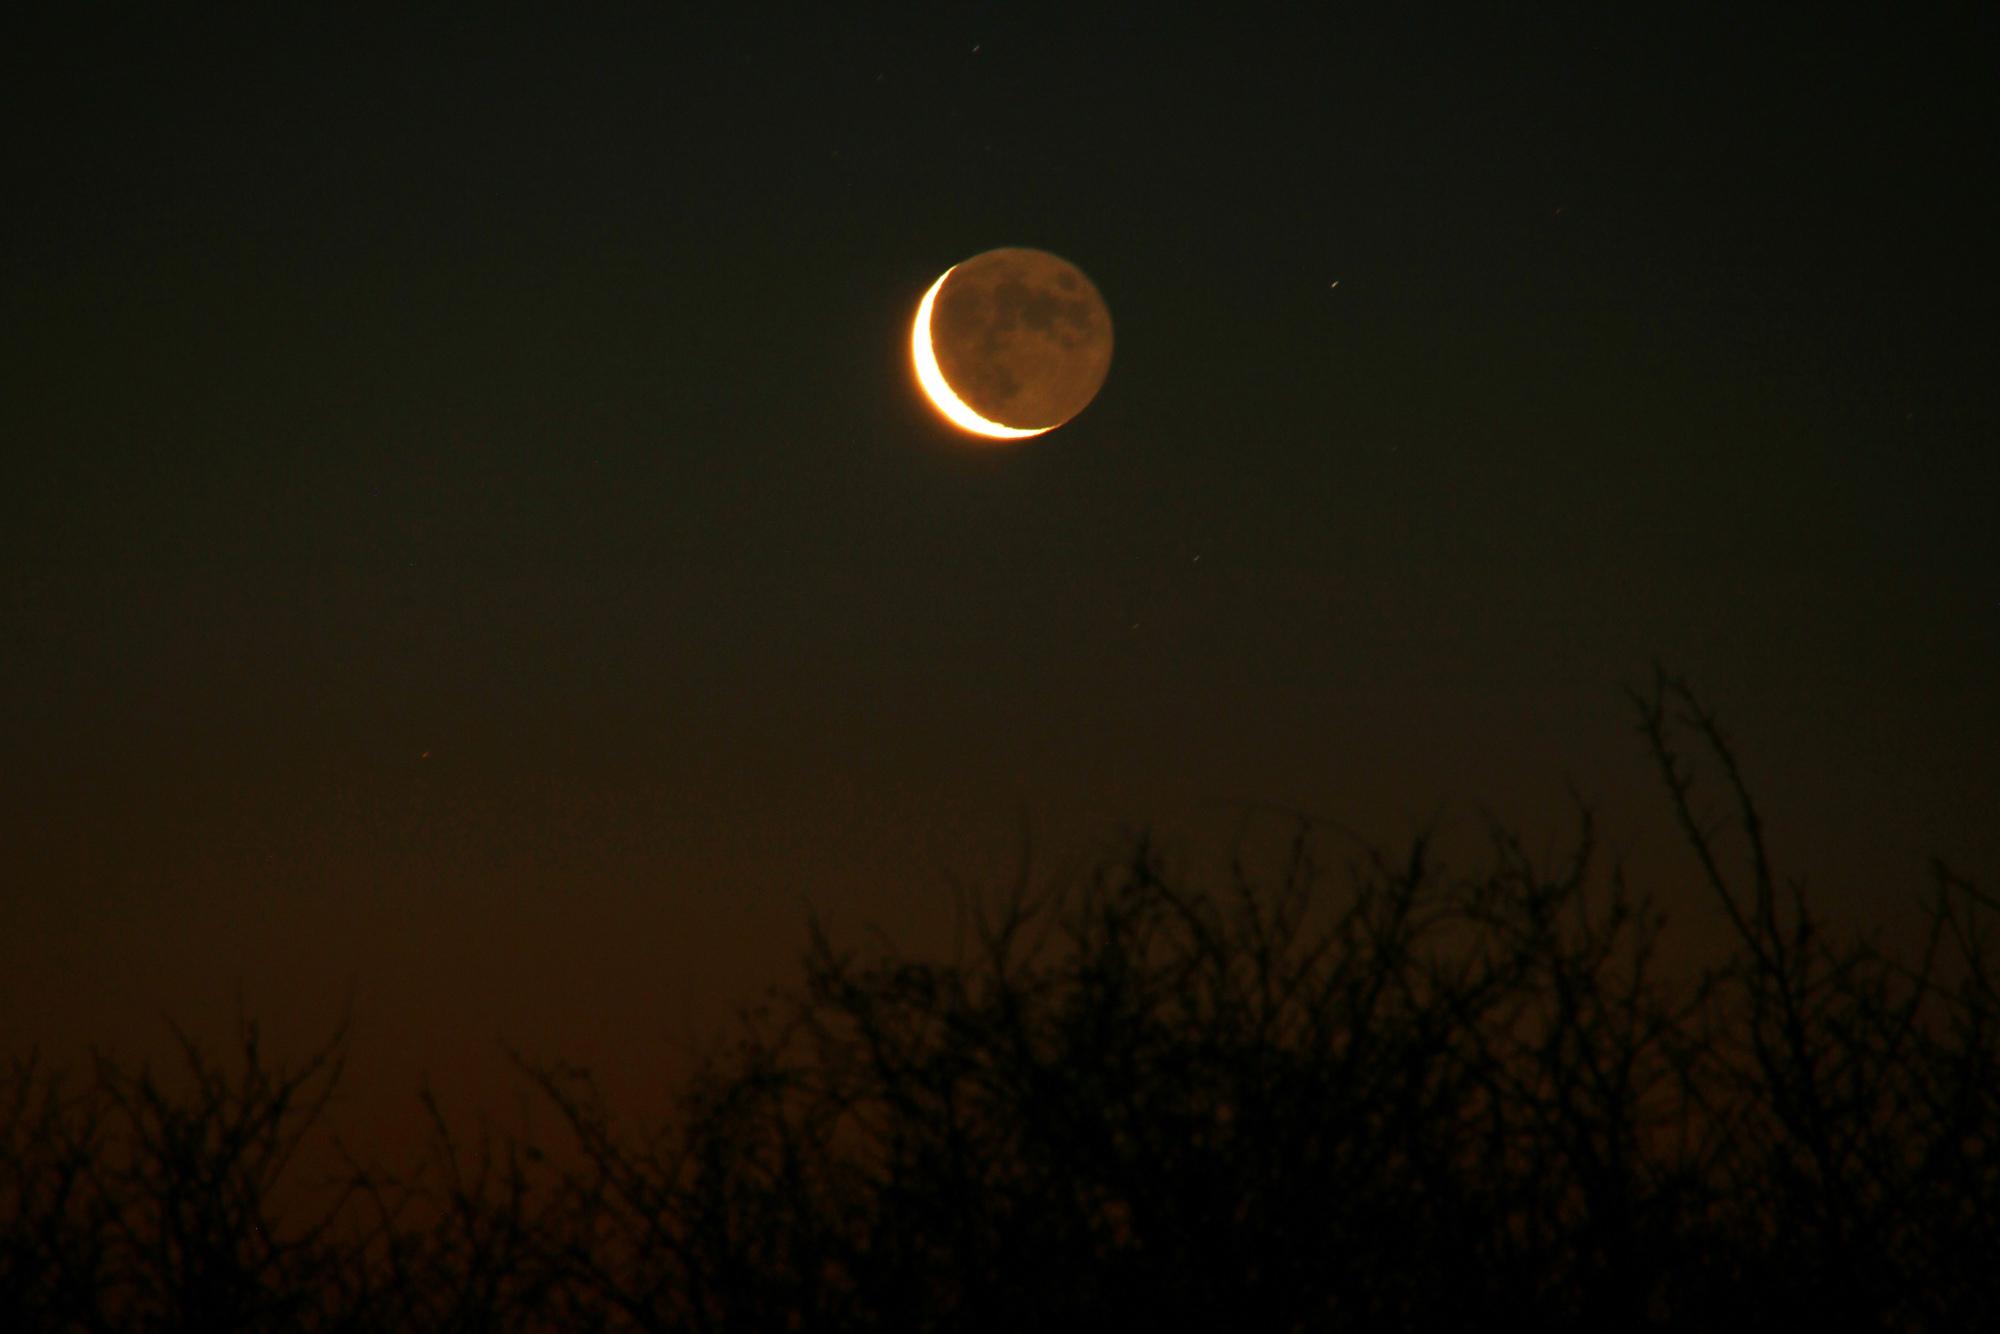 2 Lune cendrée 1146B1N1 send.jpg